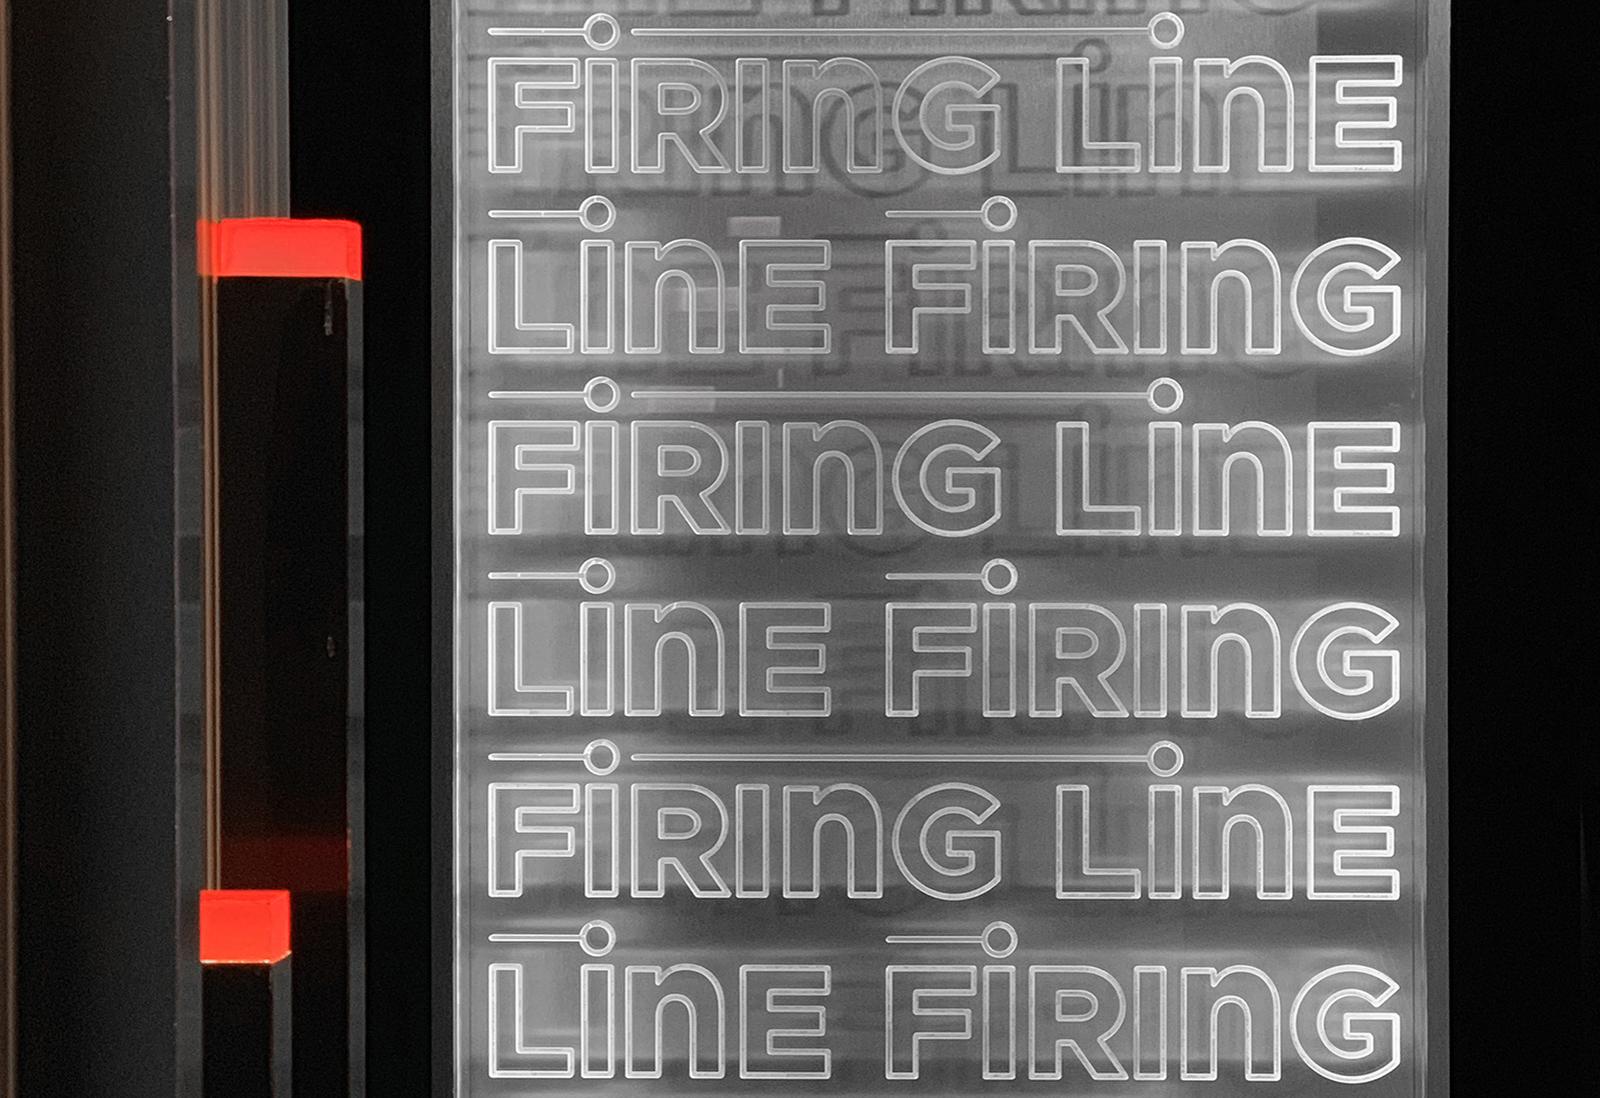 NCS_PBS-Firing-Line_0080